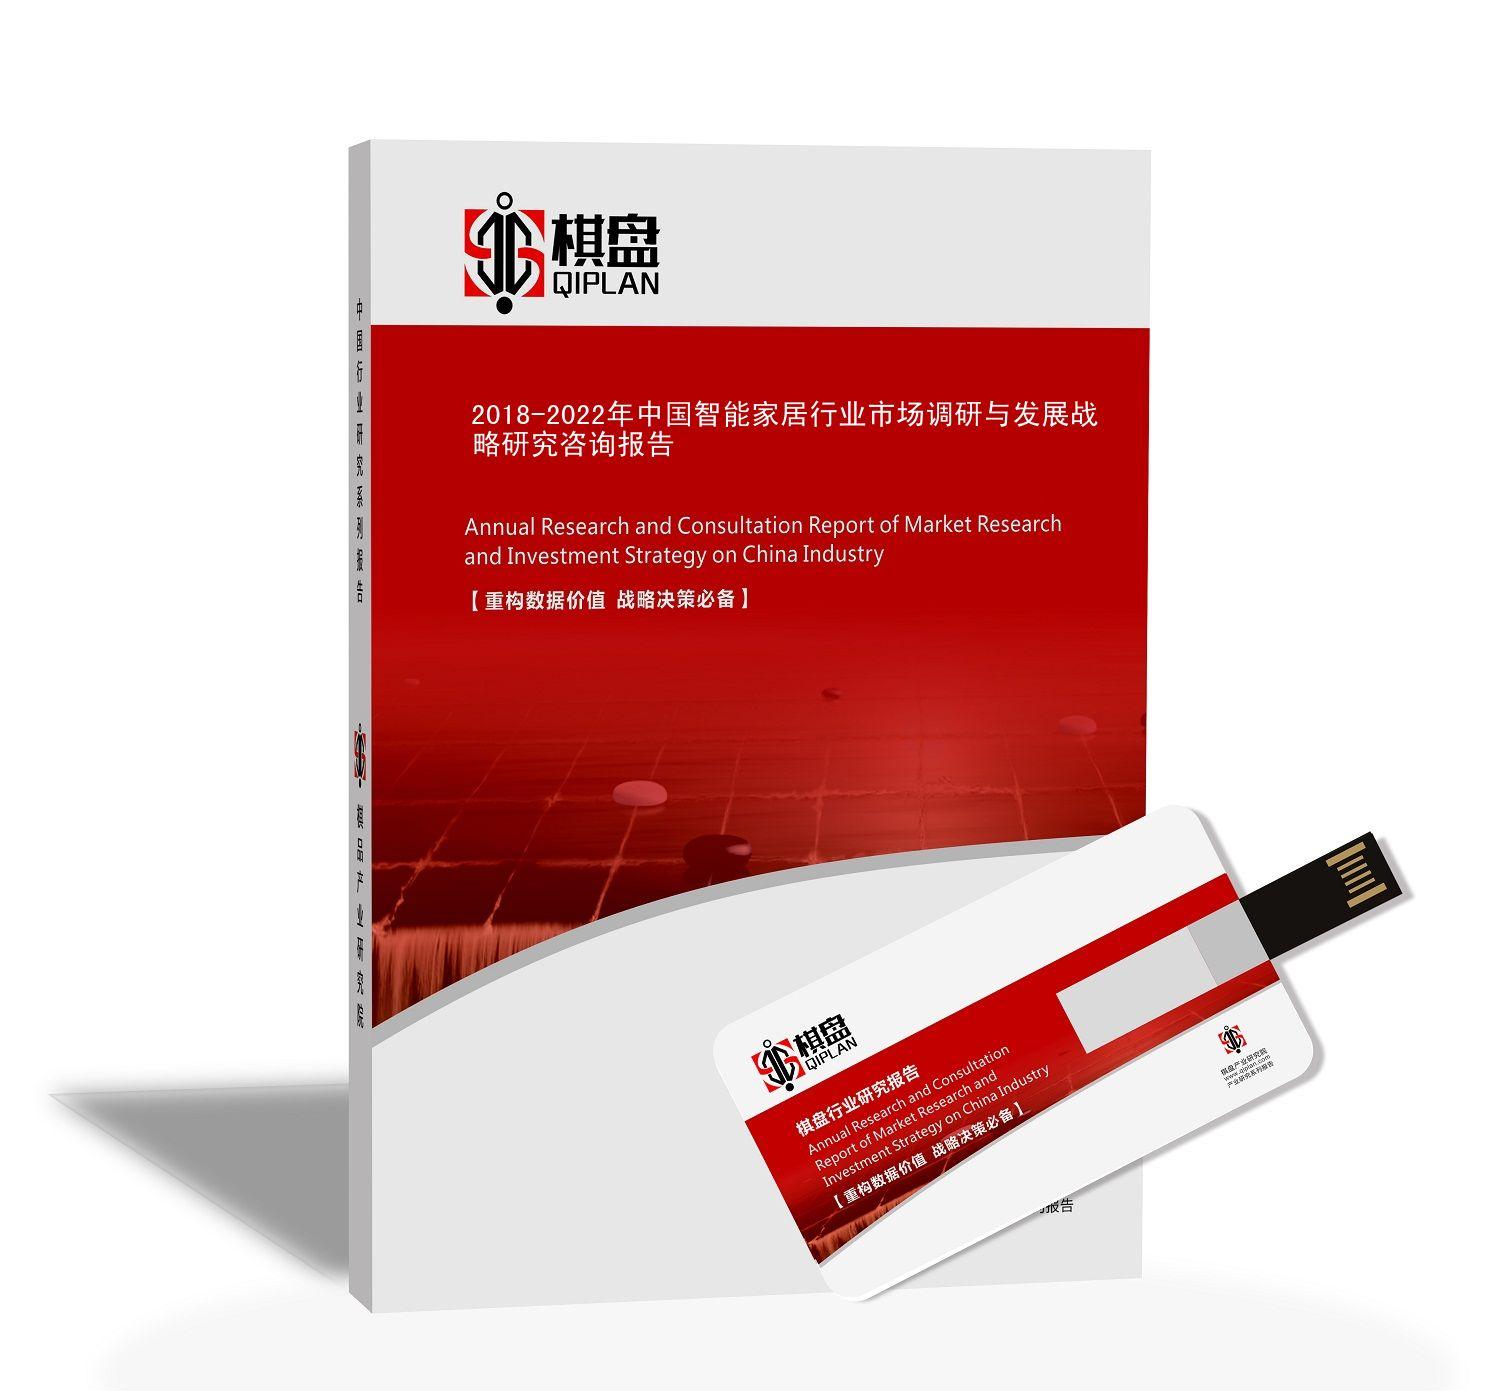 2018-2022年中国智能家居行业市场调研与发展战略研究咨询报告